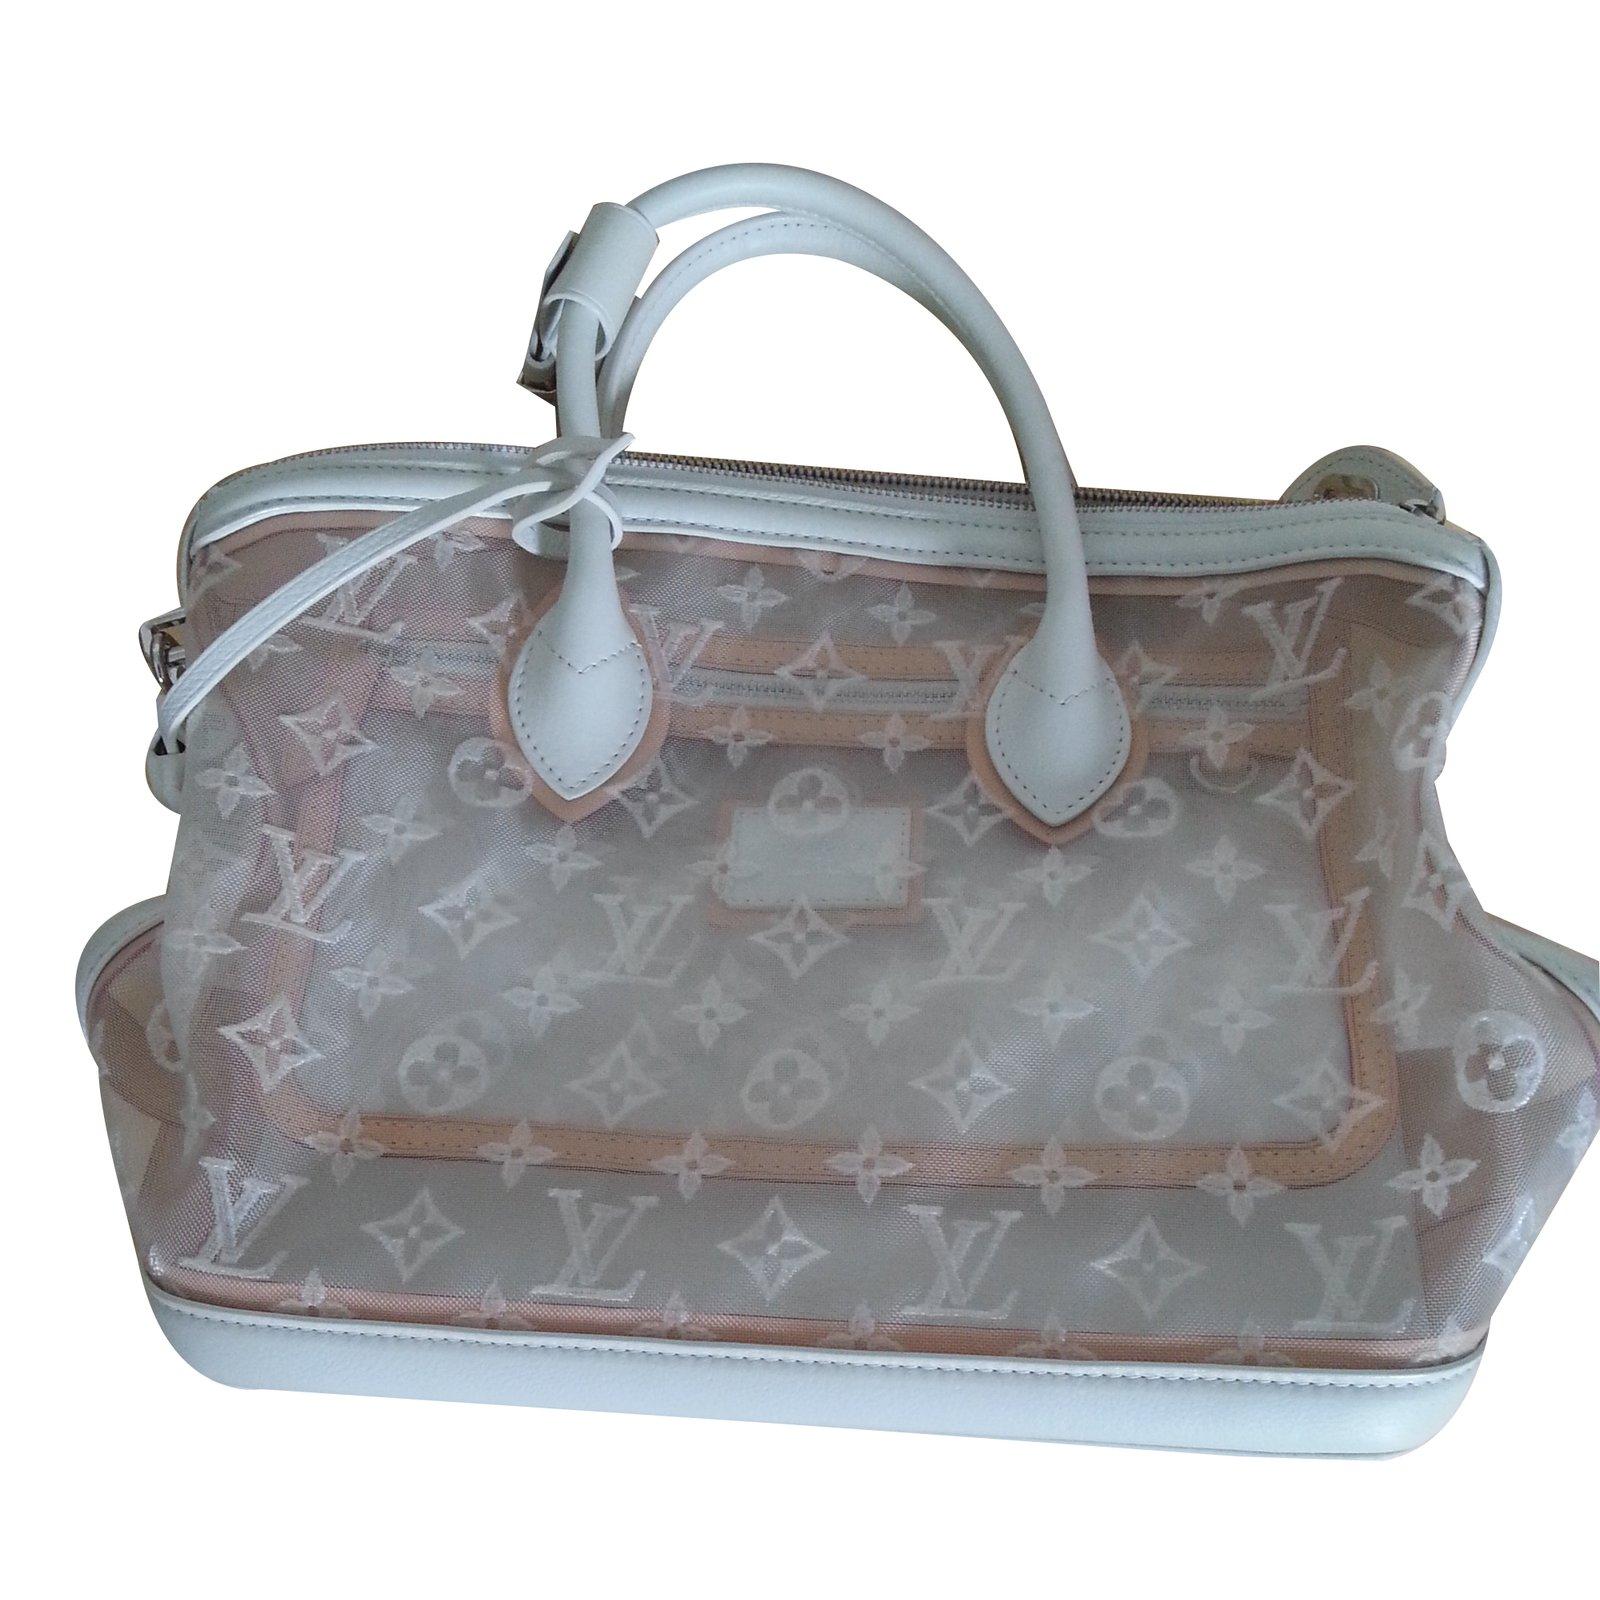 d7d9f3df3f Sacs à main Louis Vuitton Lockit en monogram transparent Toile Blanc  ref.20820